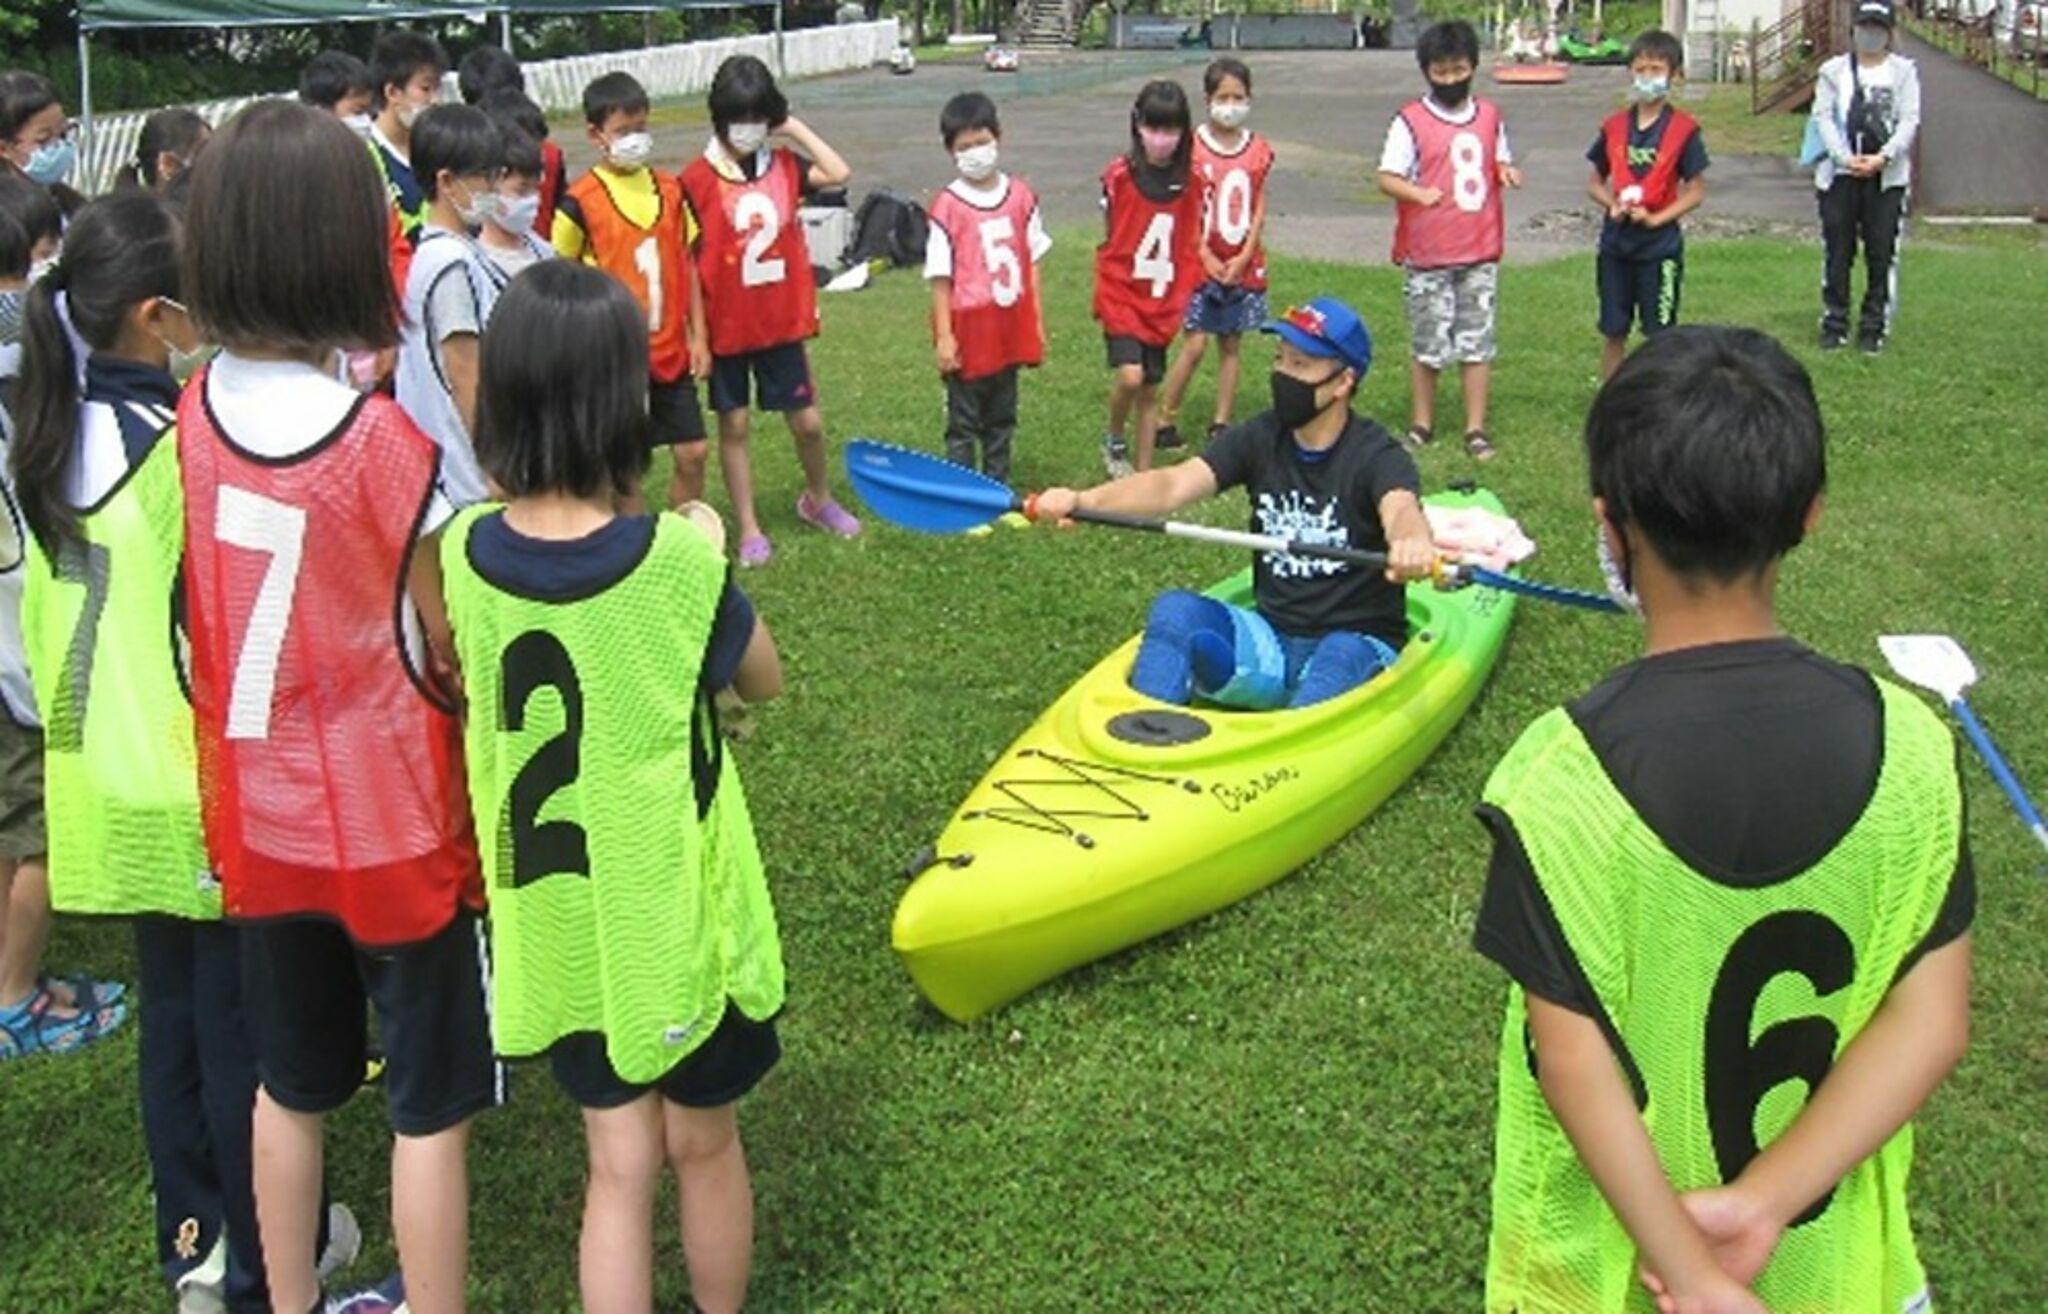 放課後子供教室でスポーツをしている子どもたちの画像